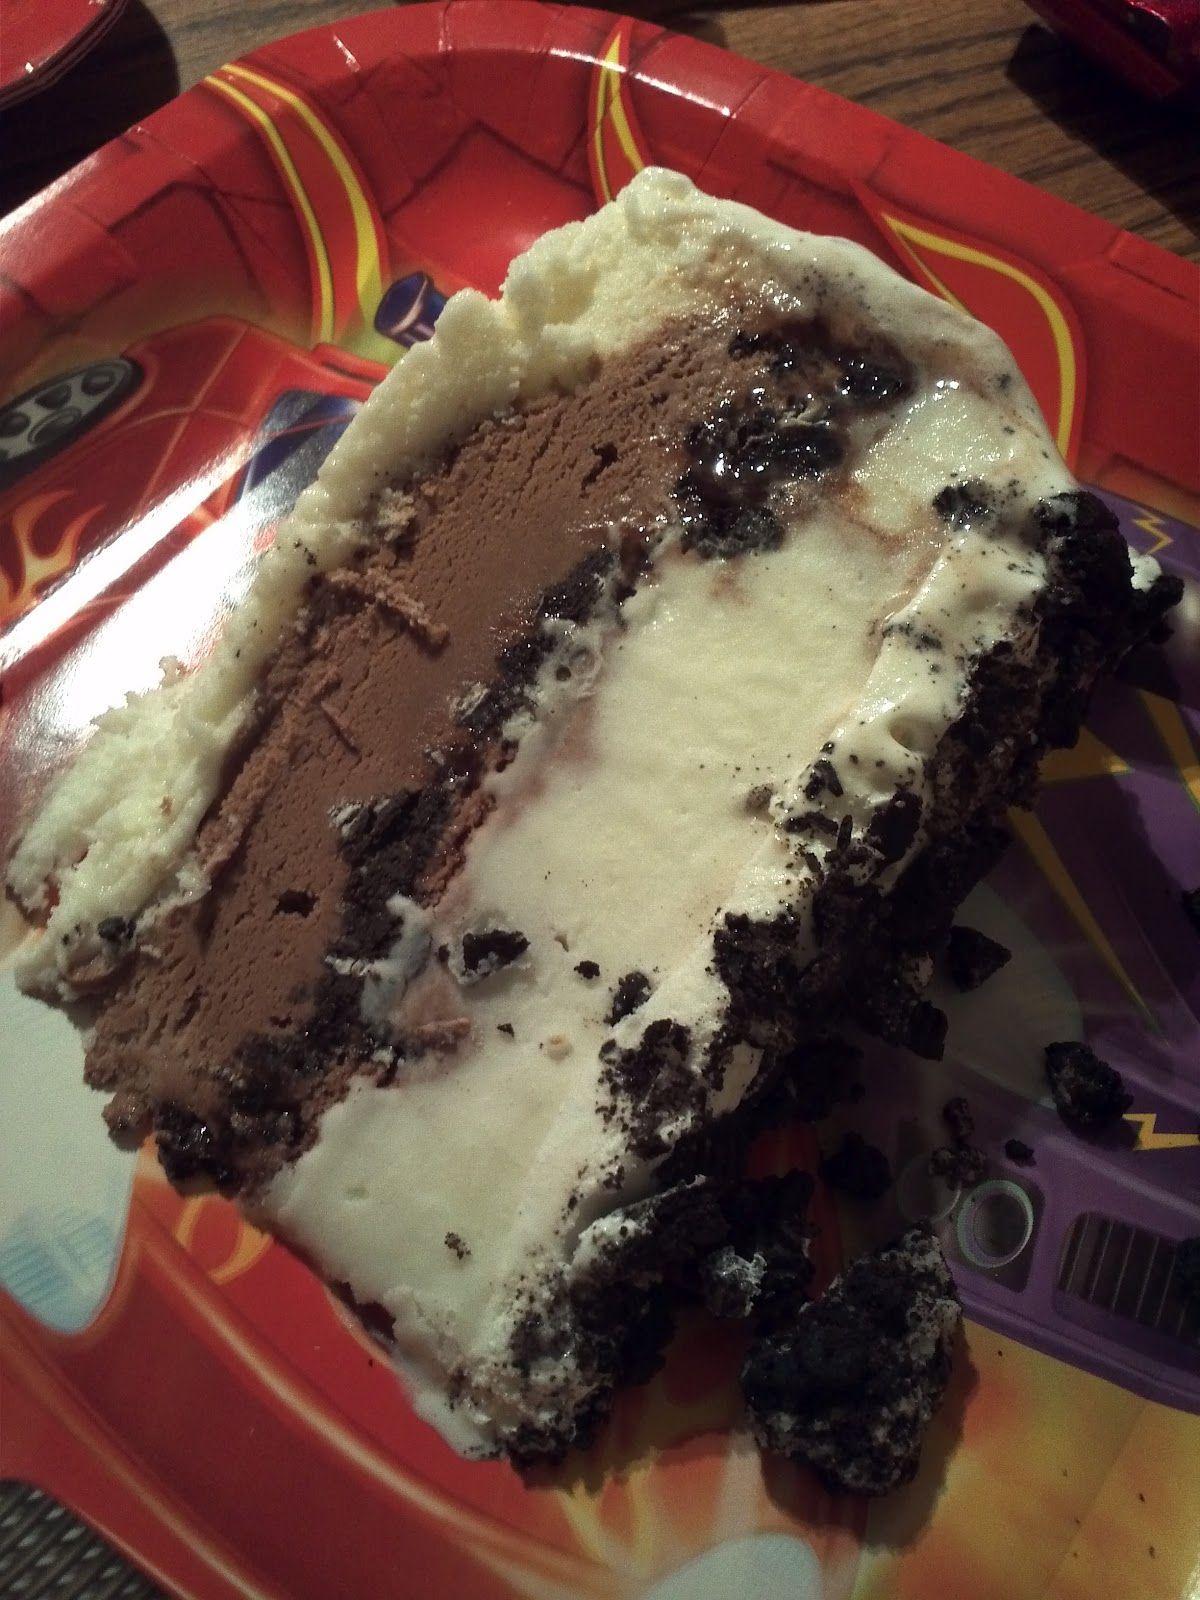 Copycat dq ice cream cake recipe food dq ice cream